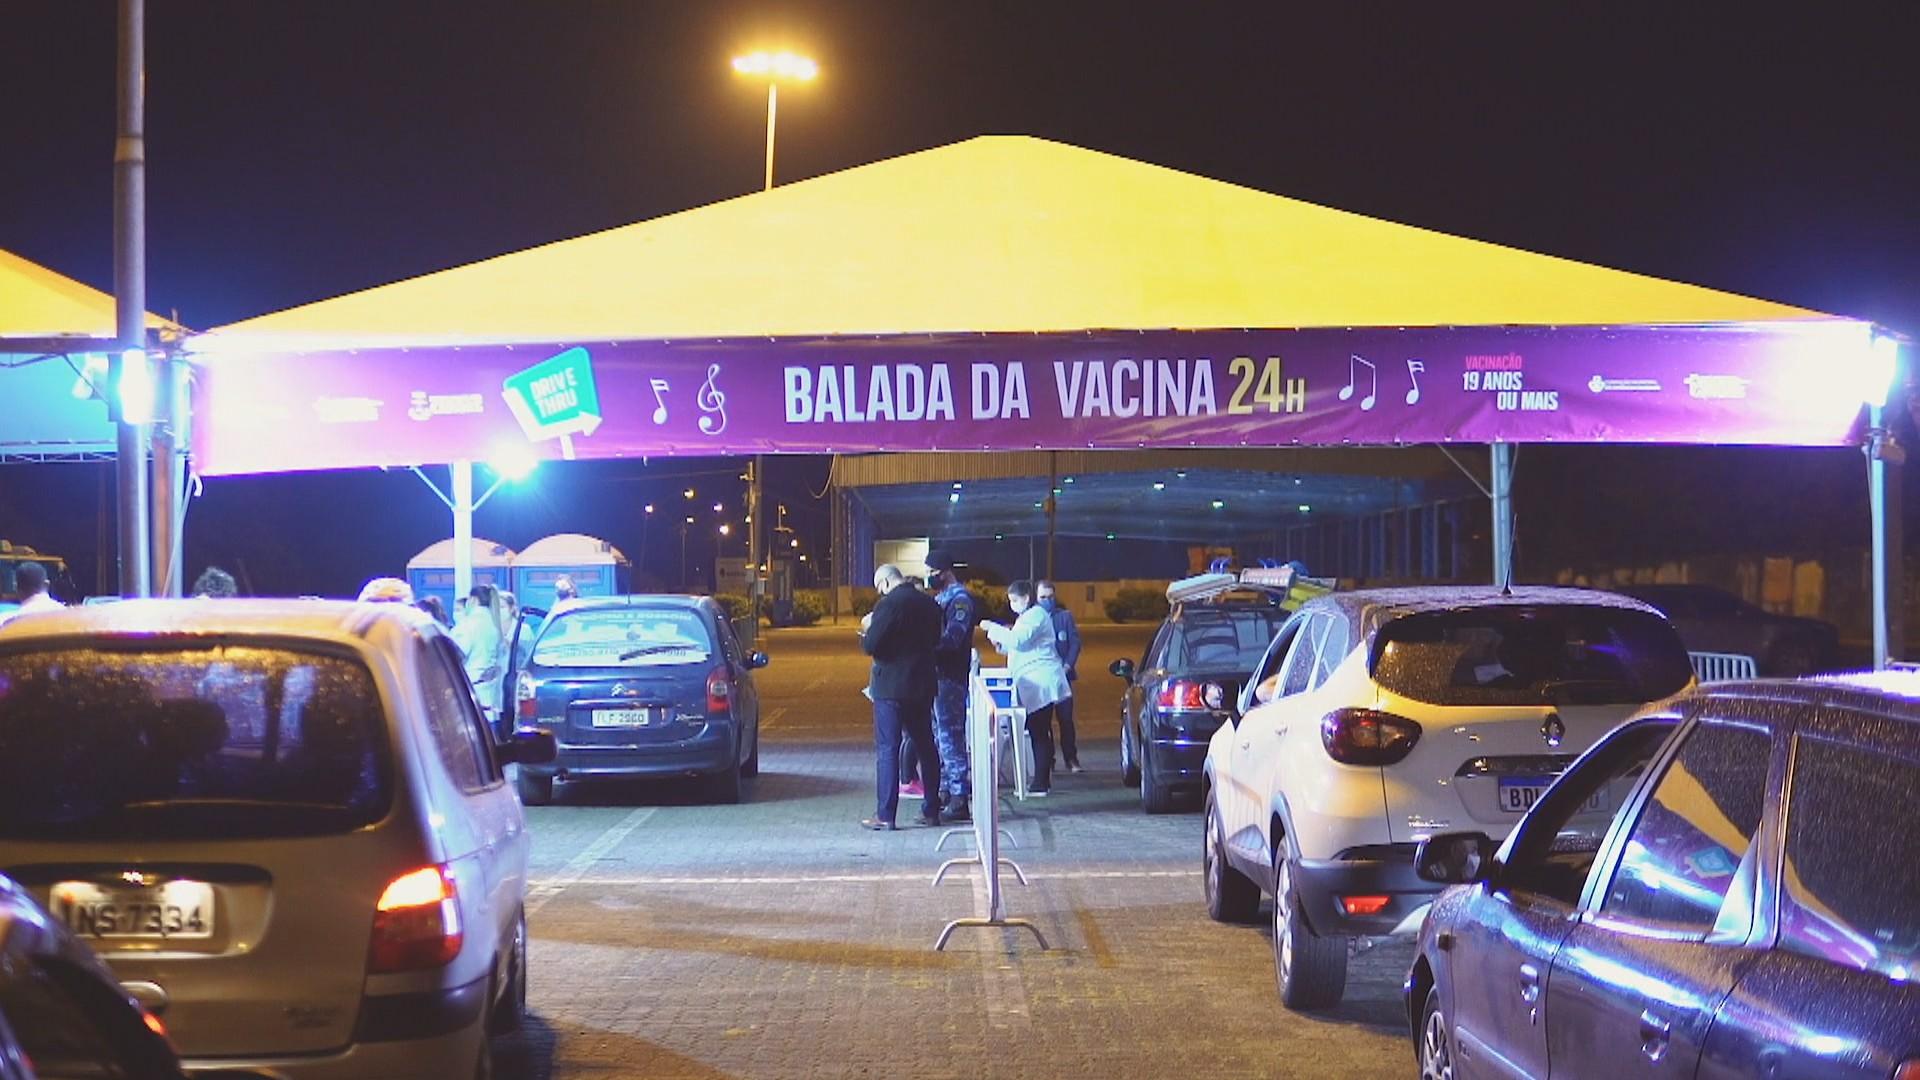 'Balada da Vacina' em Rio Claro incentiva imunização com a 2ª dose contra a Covid-19 nesta sexta